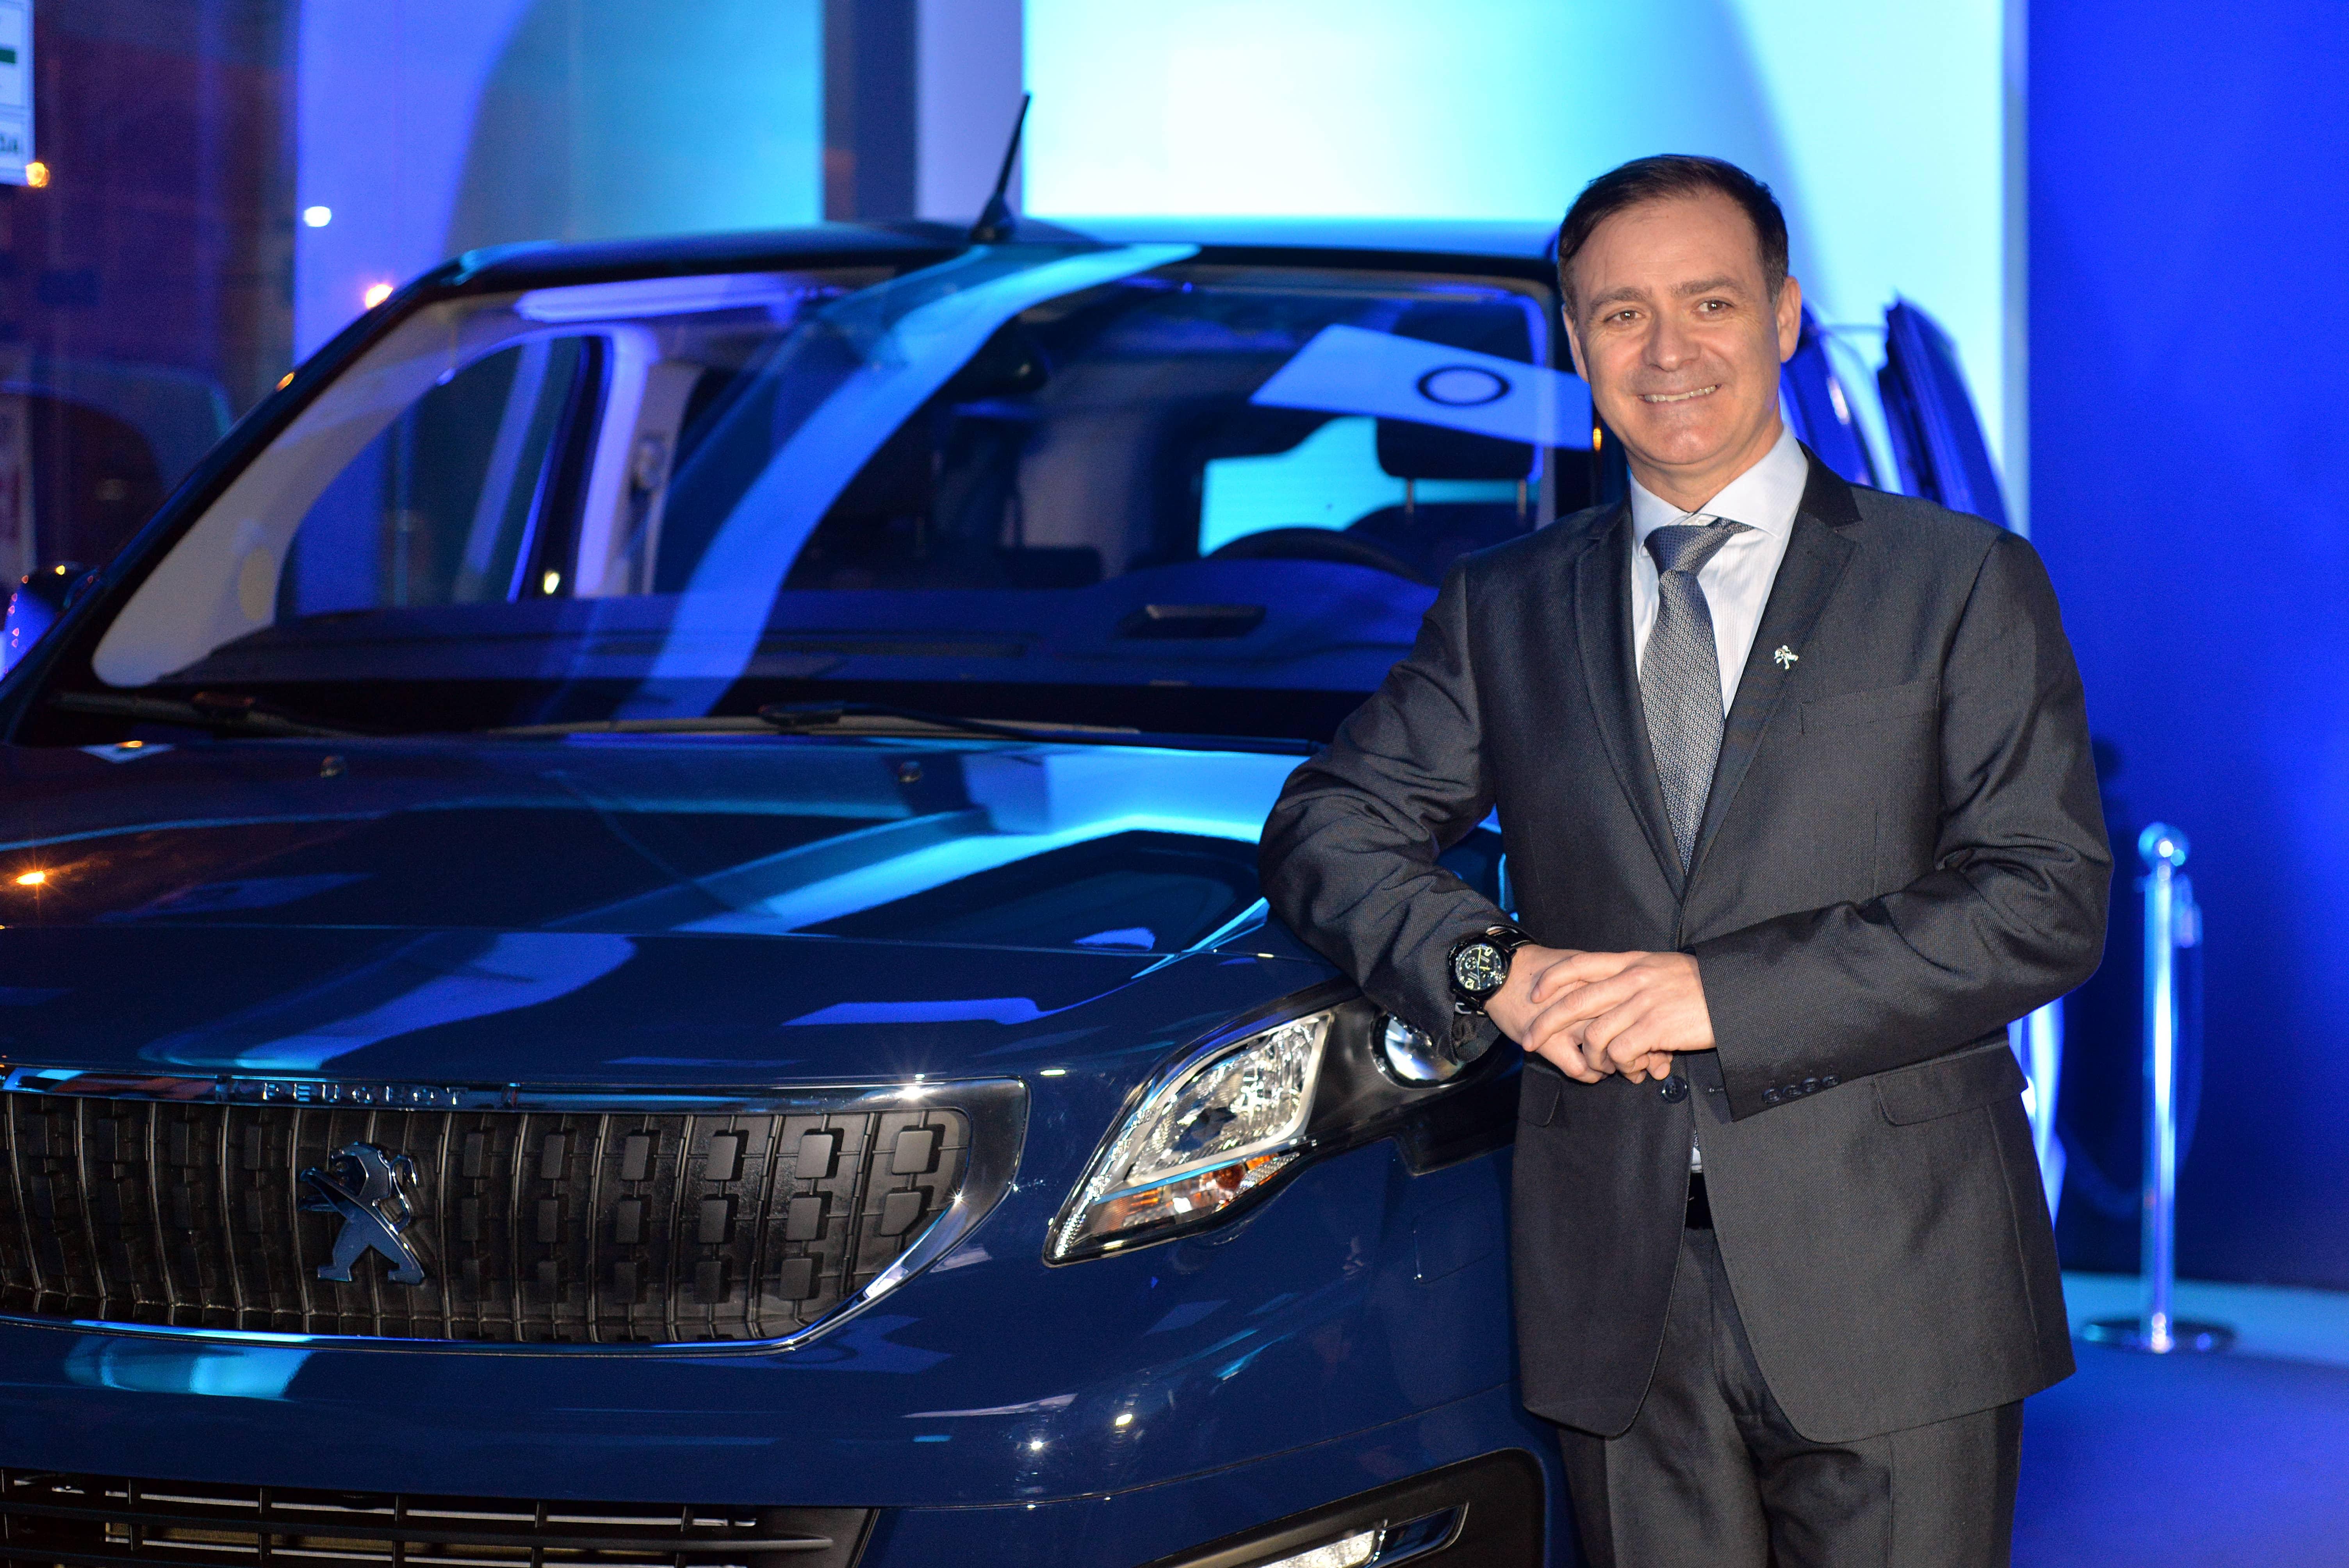 FOTO 44 min - Perú: Peugeot continúa con su expansión y abre una tienda en San Borja